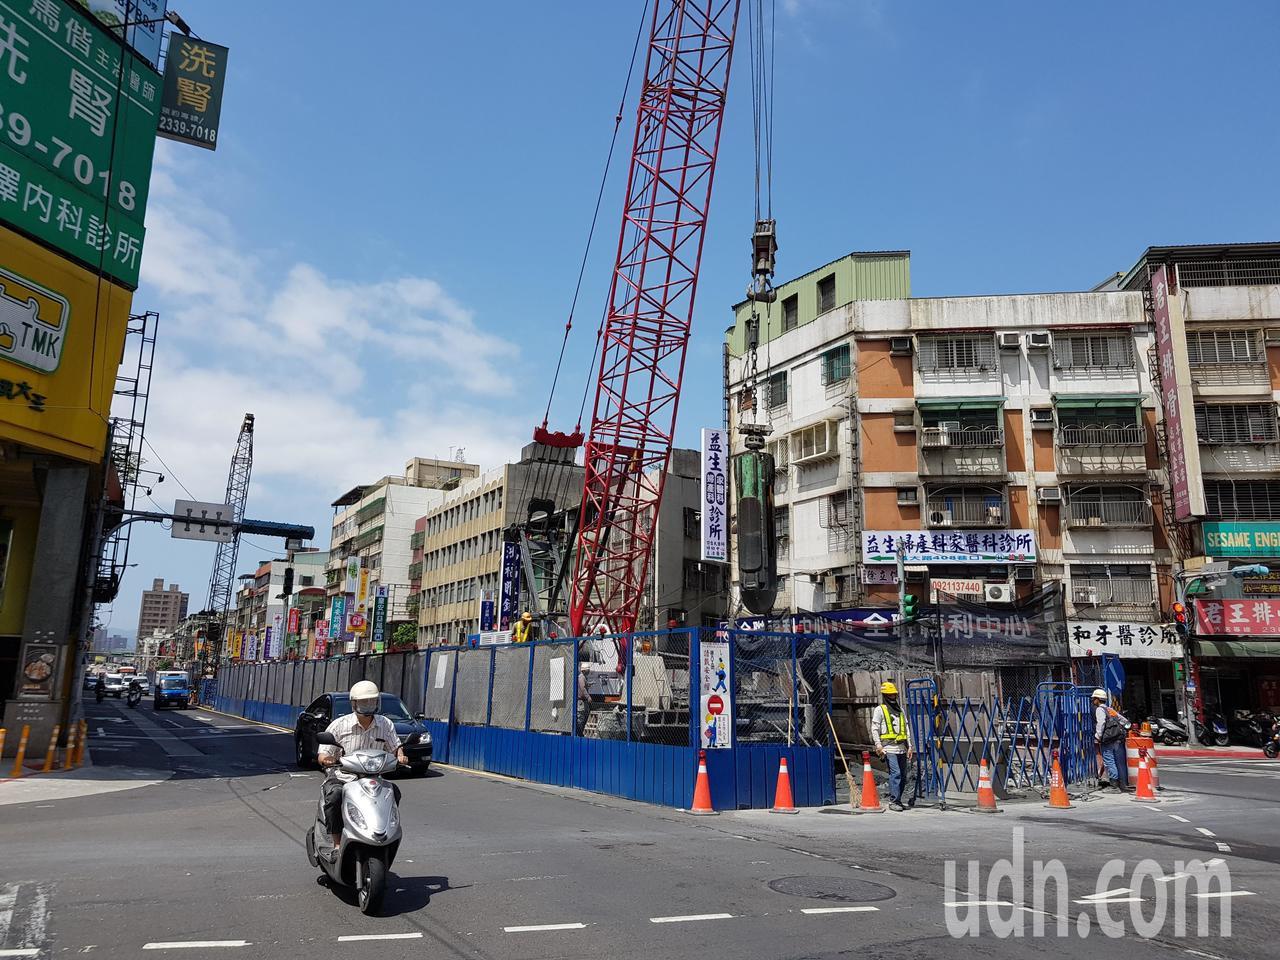 台北捷運萬大線土建工程已陸續進行中,萬大路等路段沿線都可見工程圍籬,慢半拍的列車...